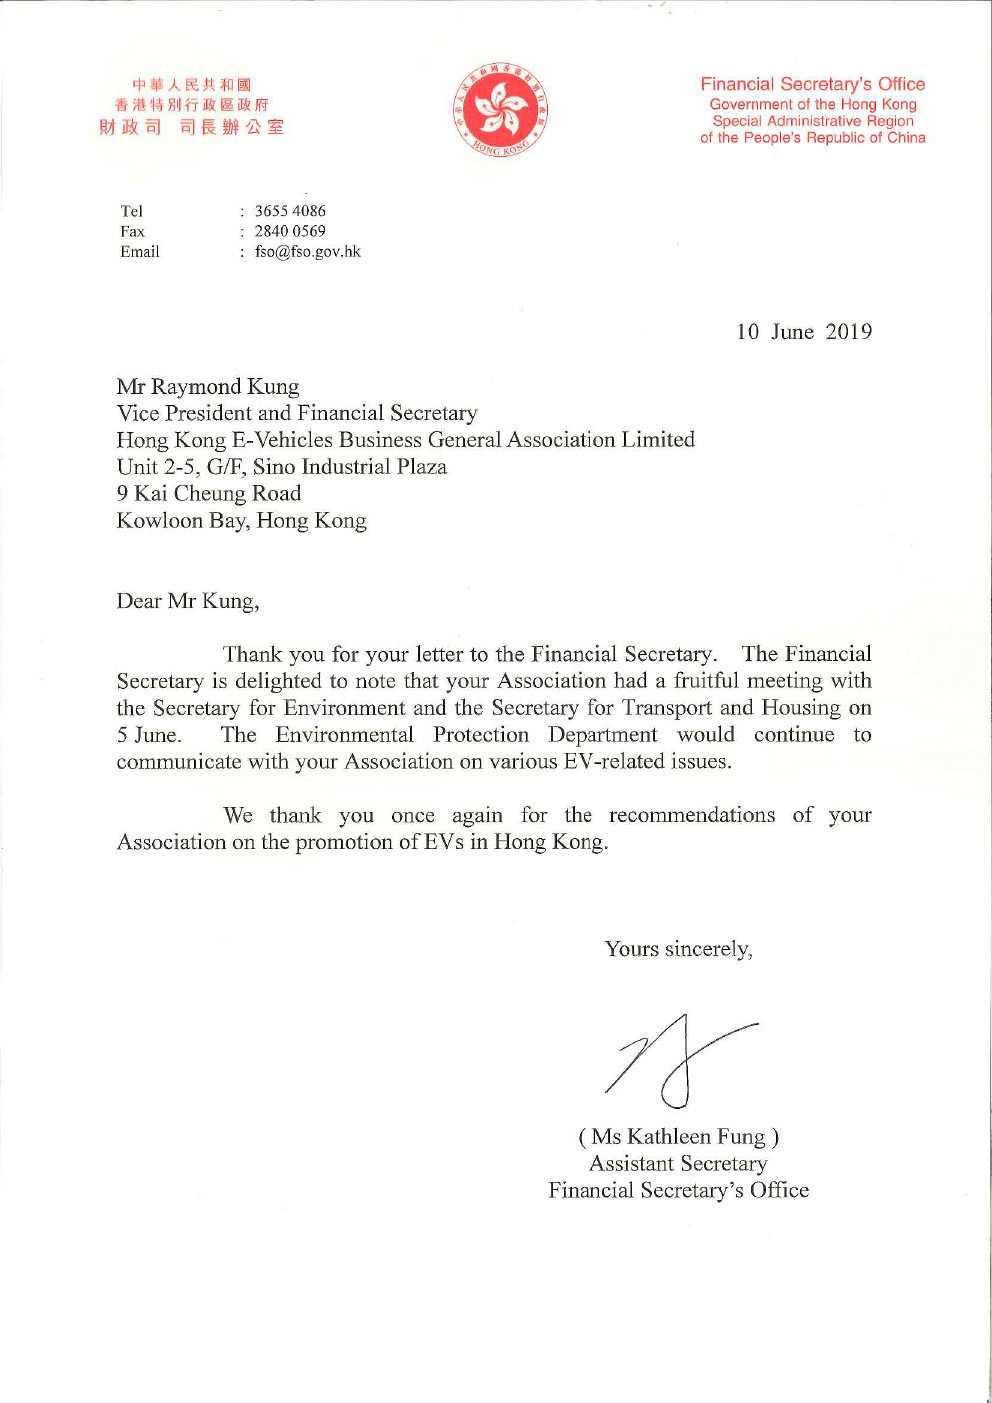 財政司-司長辦公室-回信